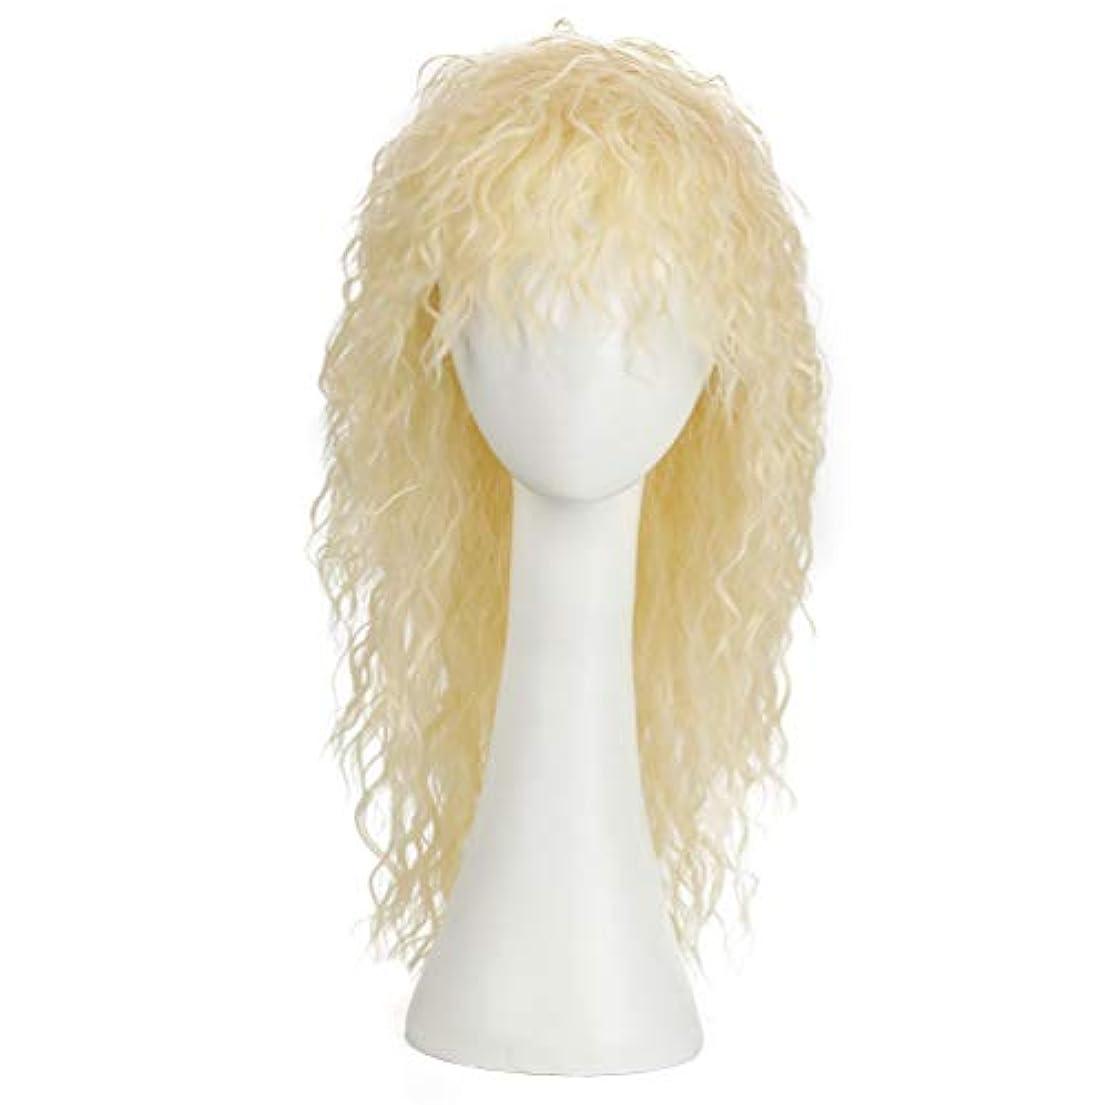 襲撃変わるスクリューウィッグ女性150%密度ロングカールグルーレスベビーヘアフルヘッドウィッグ